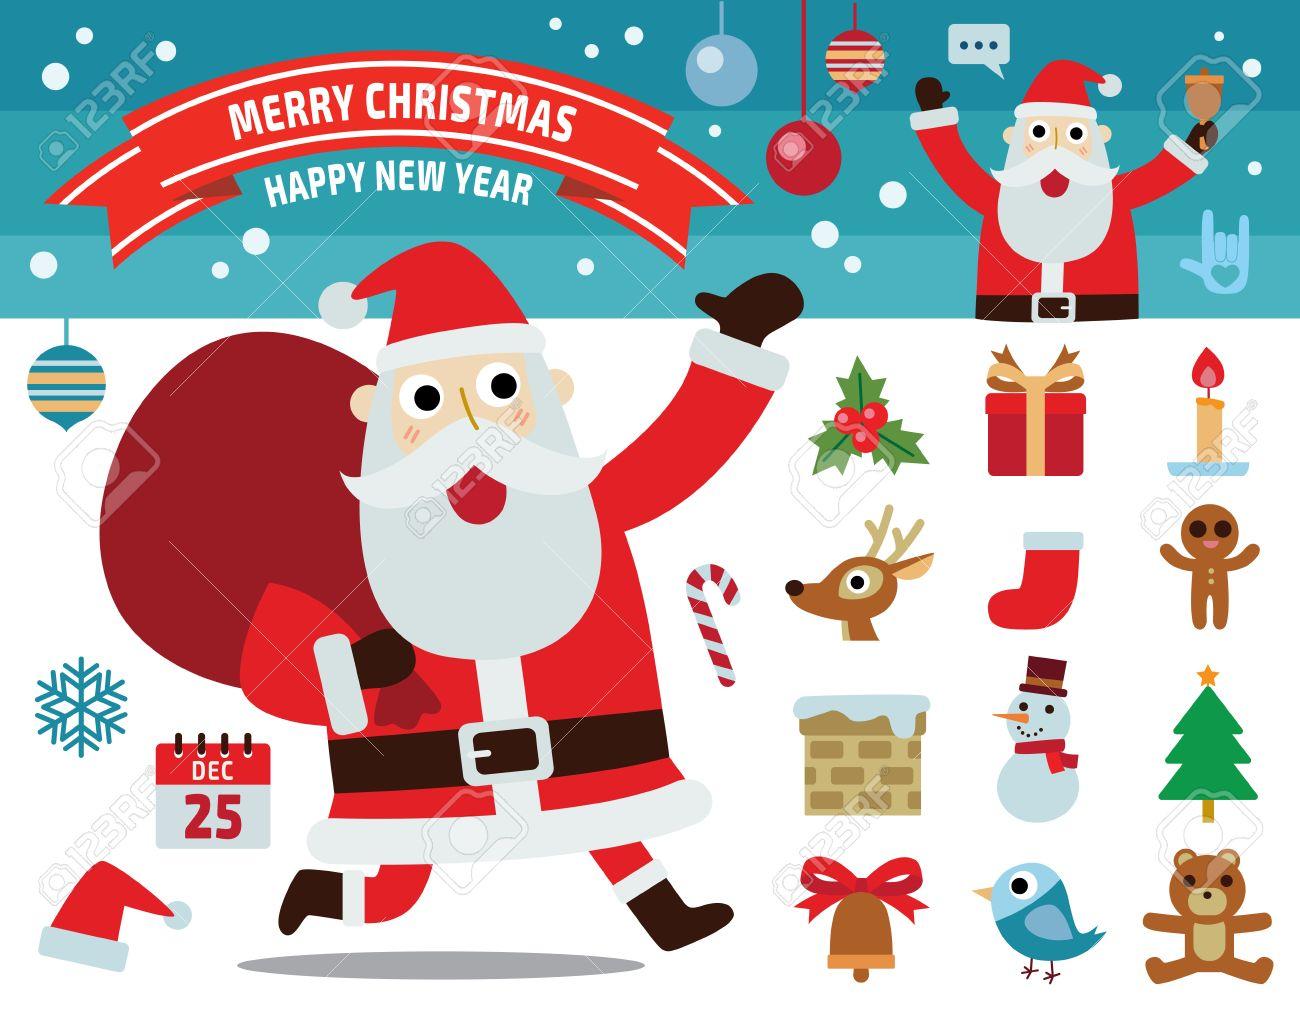 Imagenes De Papanoel En Movimiento.Santa Claus Movimiento Coleccion De Concepto De La Feliz Navidad Iconos Planos Del Diseno De Ilustracion